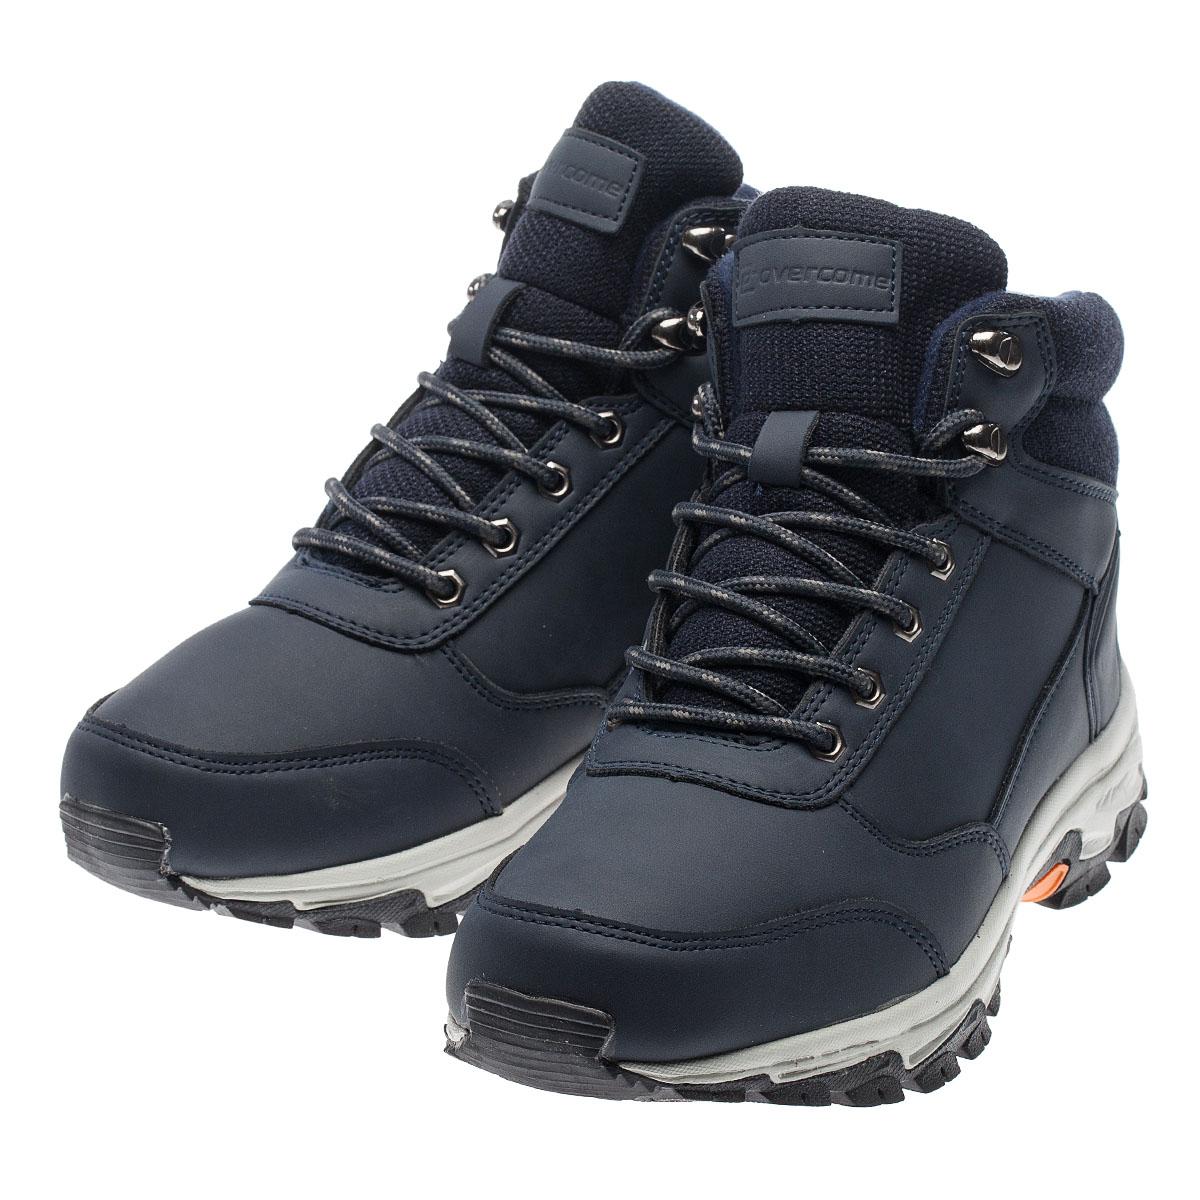 Ботинки зимние Overcome, HSM 17573 кроссовки зимние overcome hsl17020 2